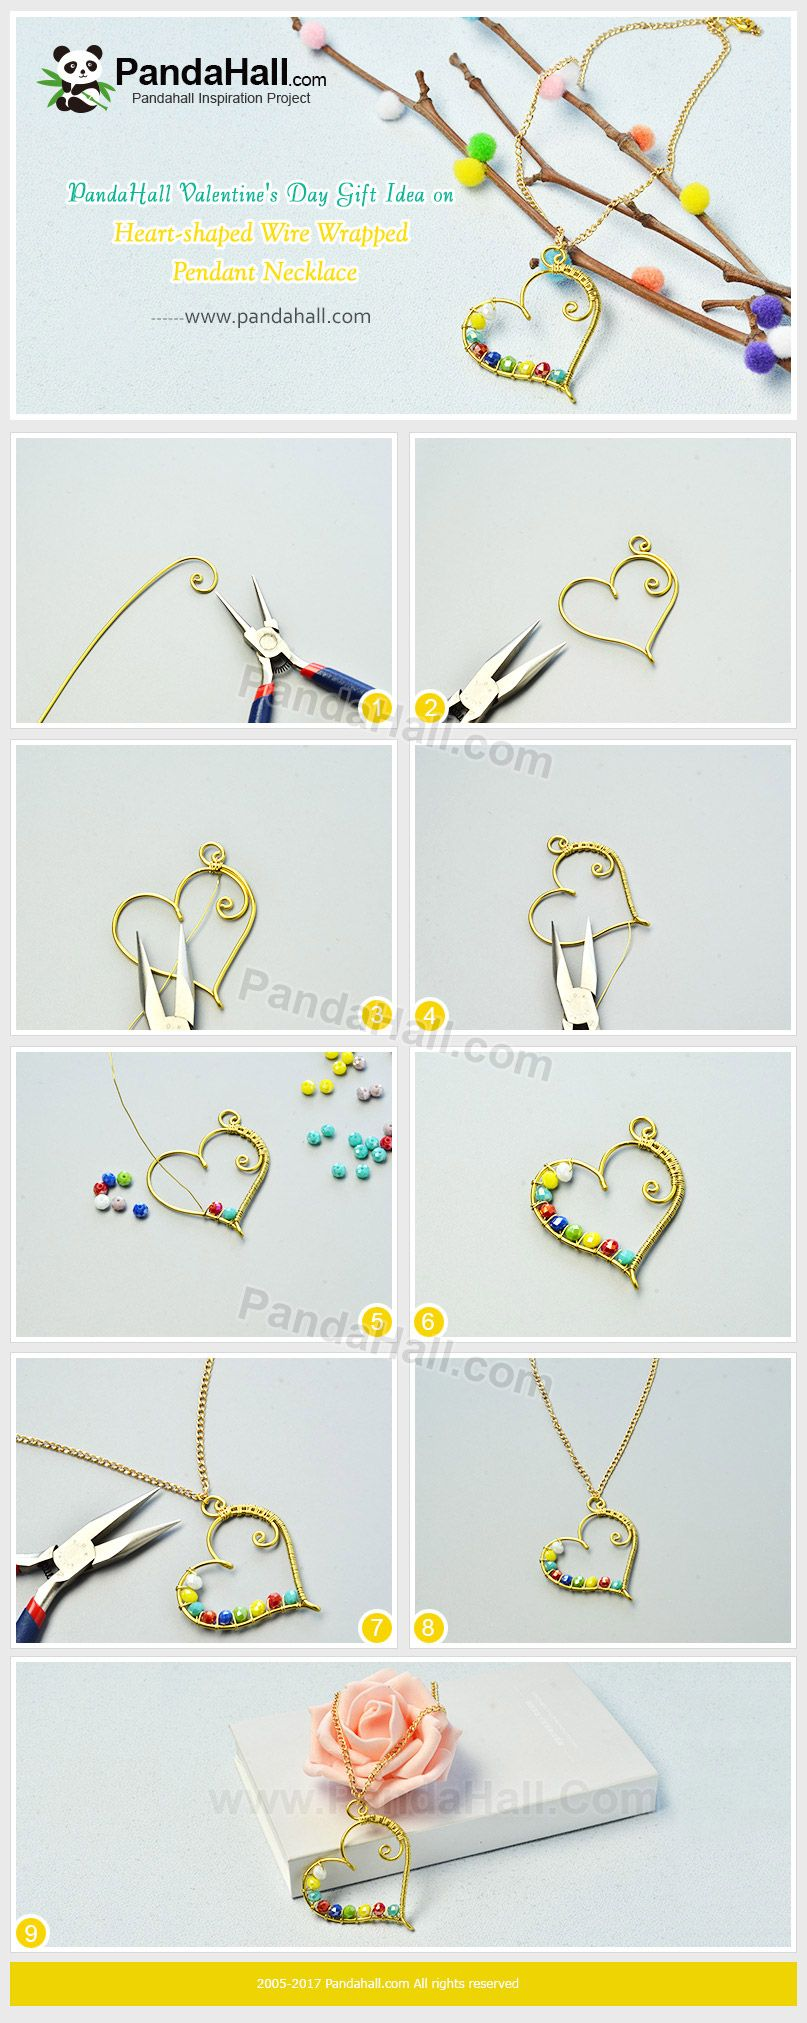 Photo of Wie stellt man eine handgemachte Halskette her?>>https://bit.ly/2lYEYGx Mehr >>h…